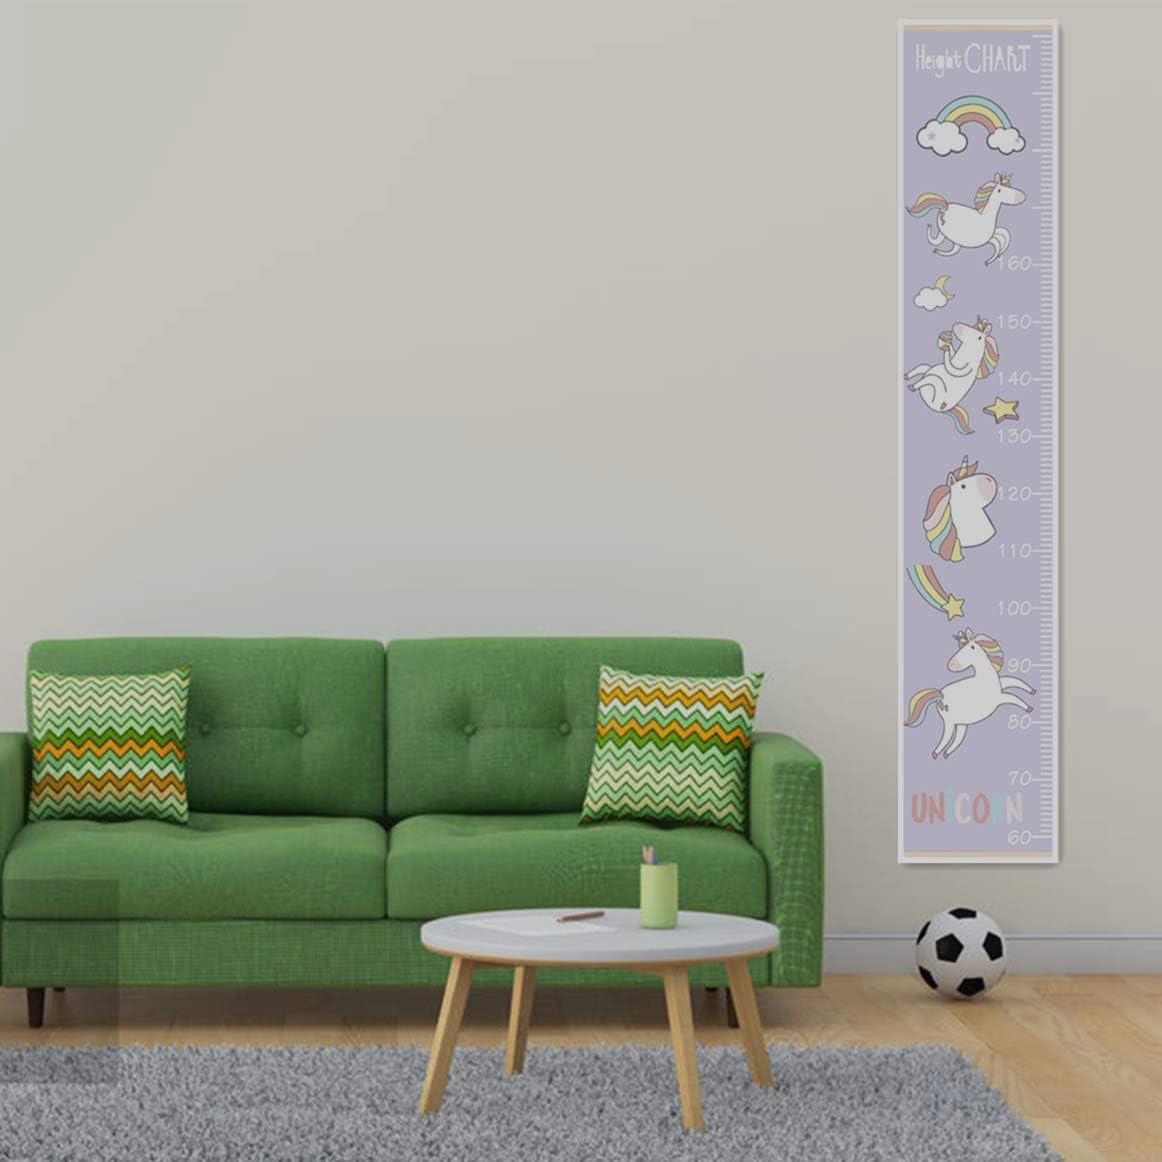 30 cm de largeurx 142 cm de hauteur Tableau de Croissance Toile Amovible D/écoration Murale pour Chambre denfant,Version Elargie ,Licorne Violette Toise Murale Enfant